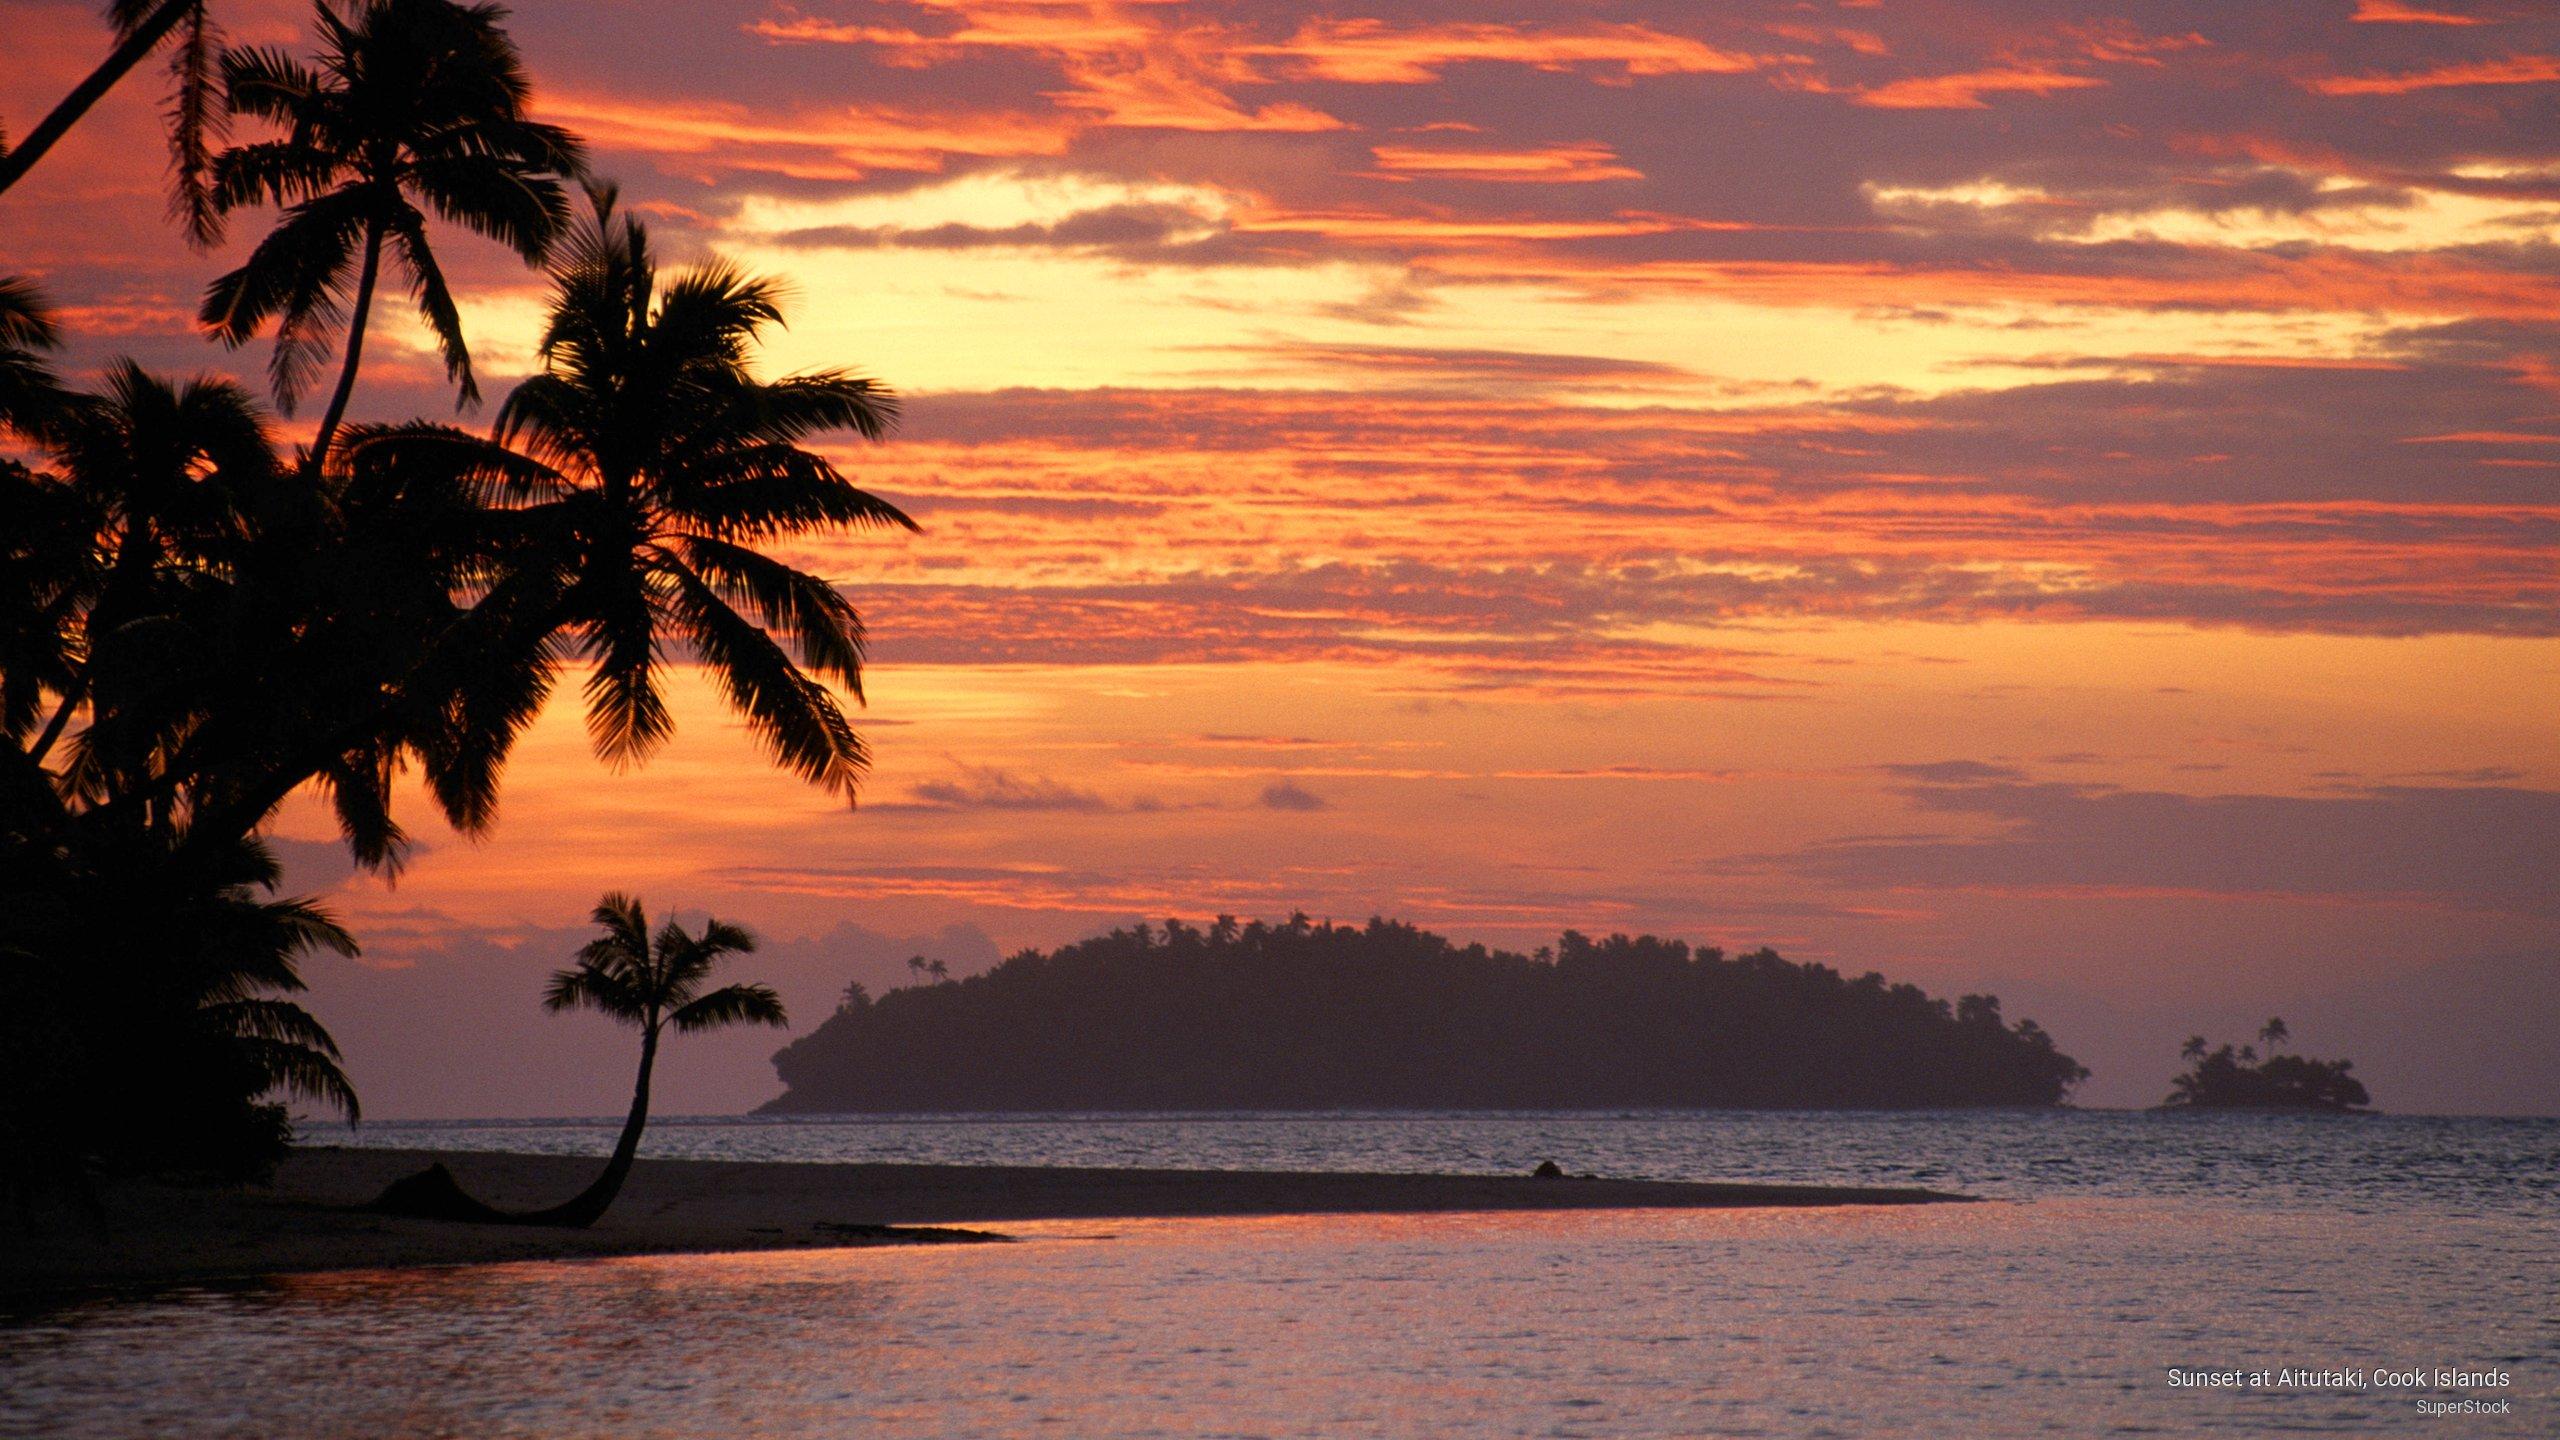 Sunset at Aitutaki, Cook Islands